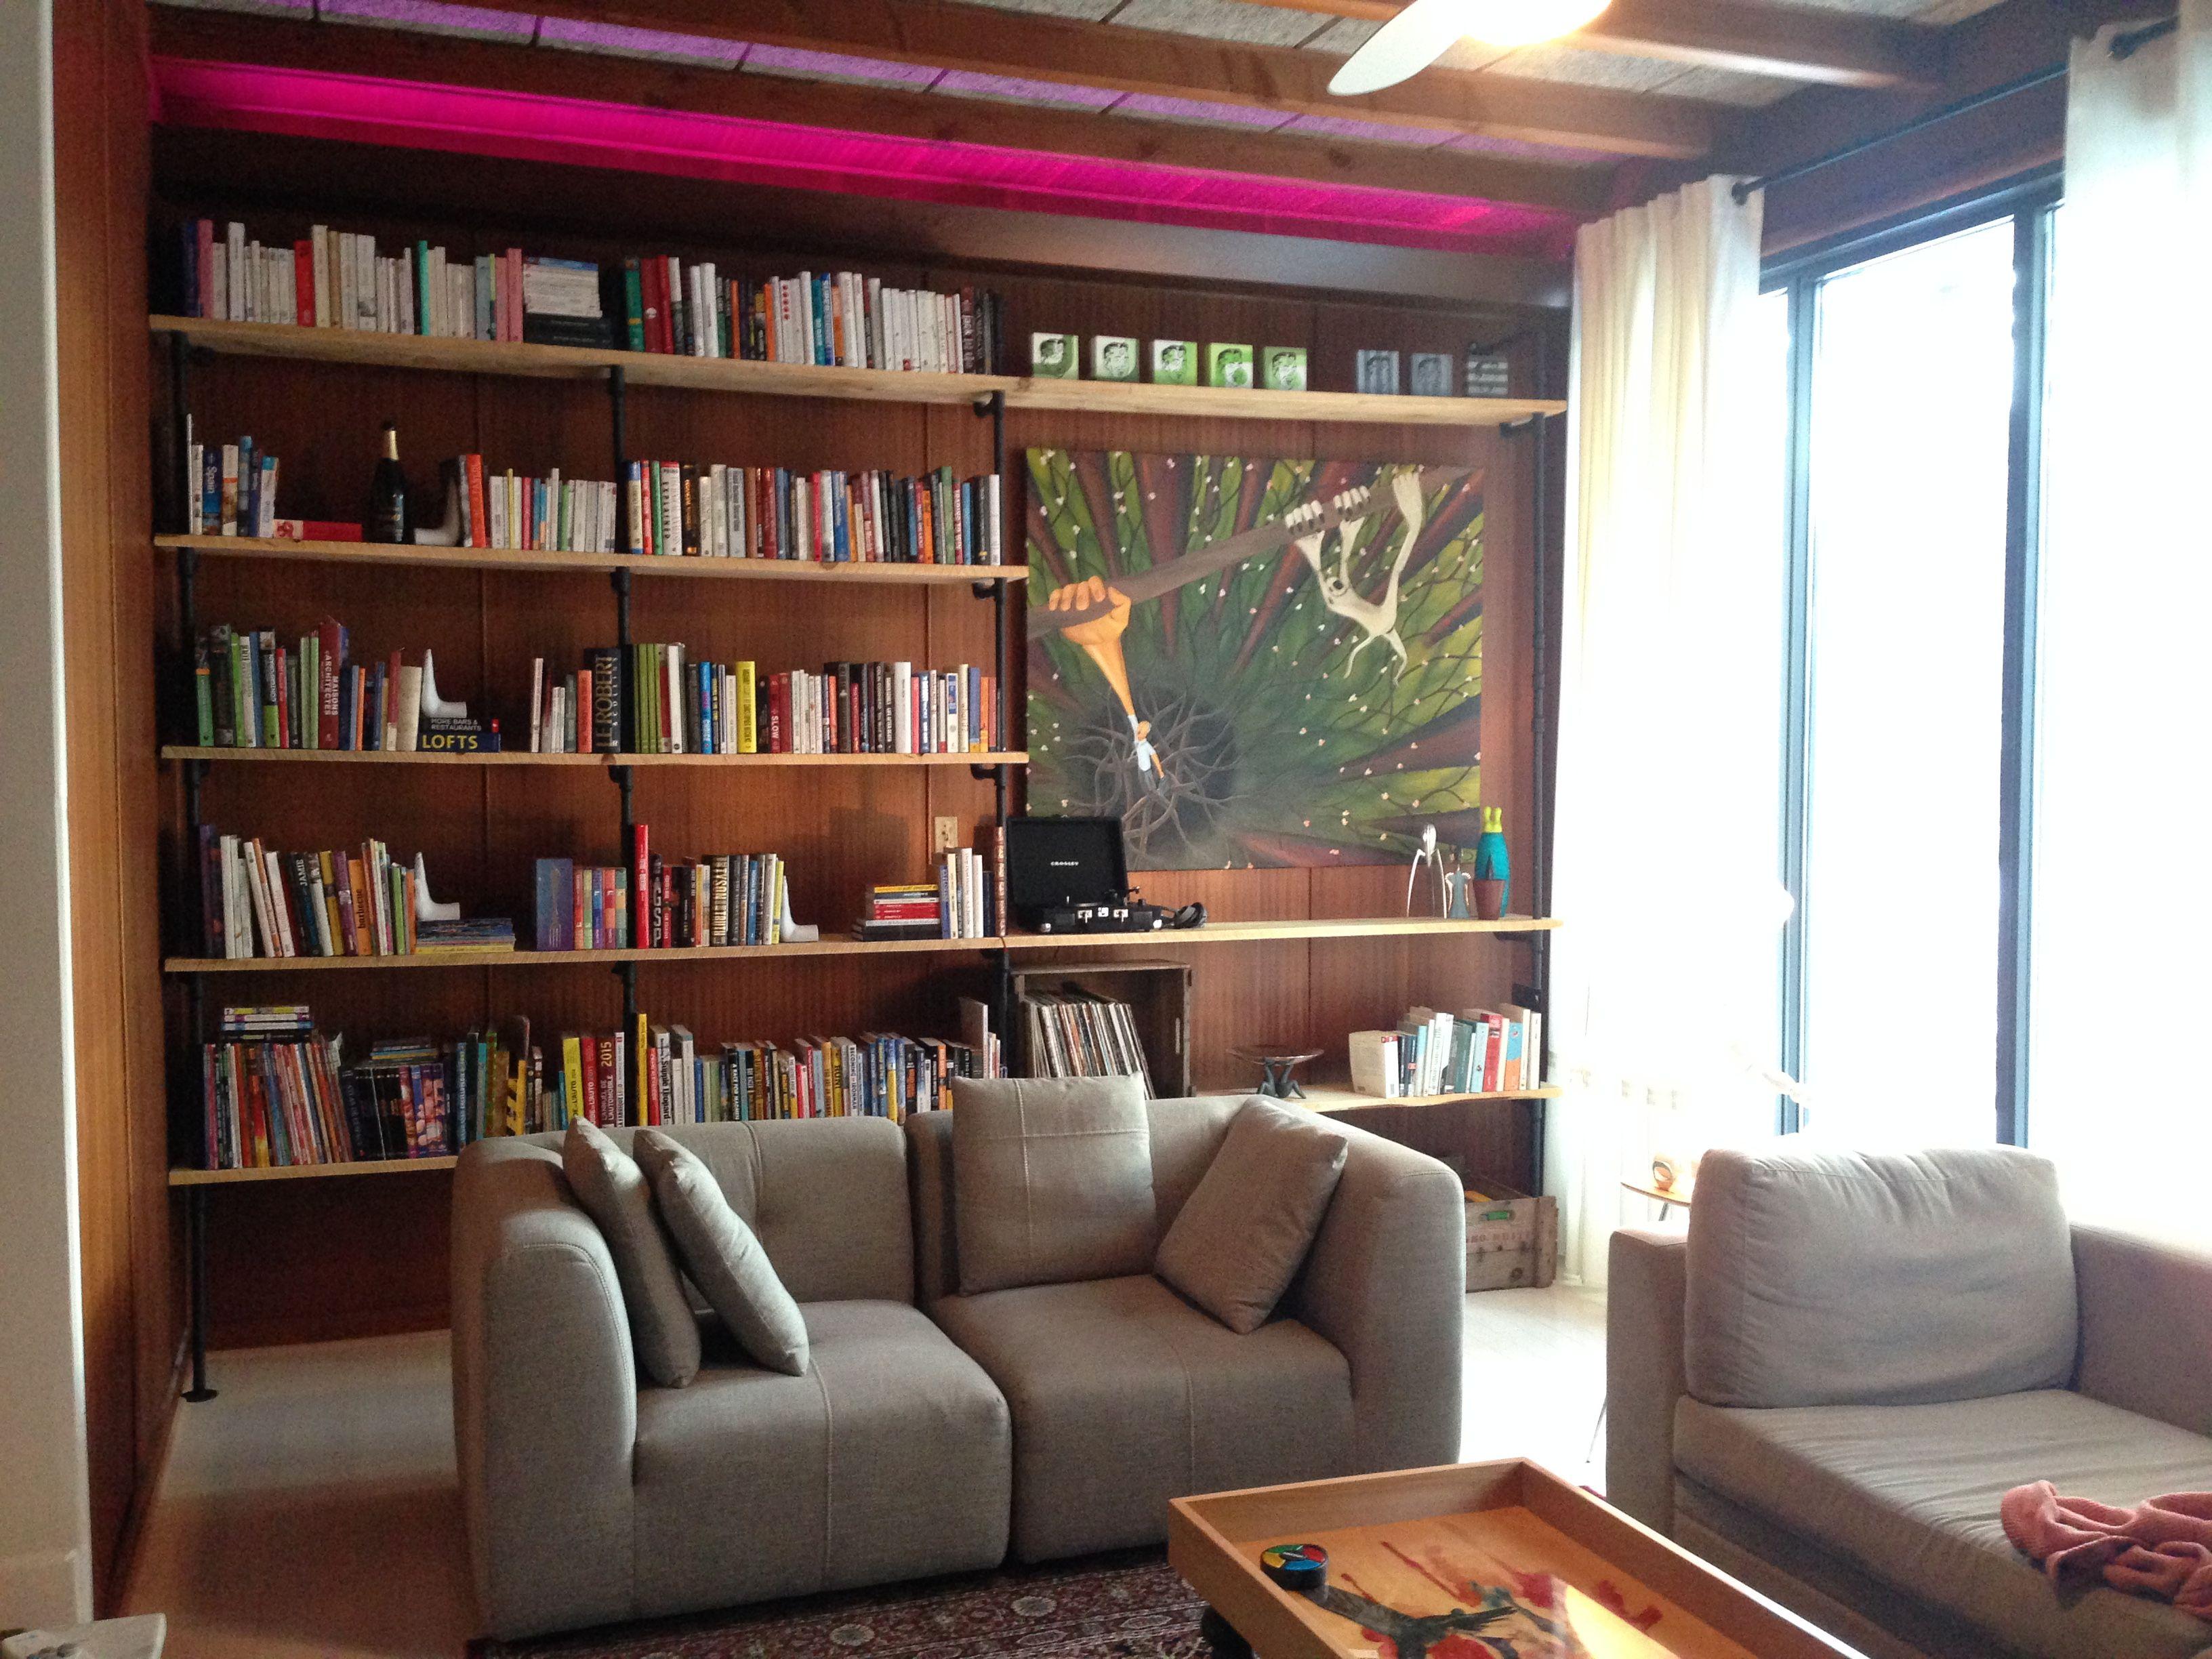 diy library biblioth que fait de tuyaux de plomberie en acier galvanis et de planche de pruche. Black Bedroom Furniture Sets. Home Design Ideas